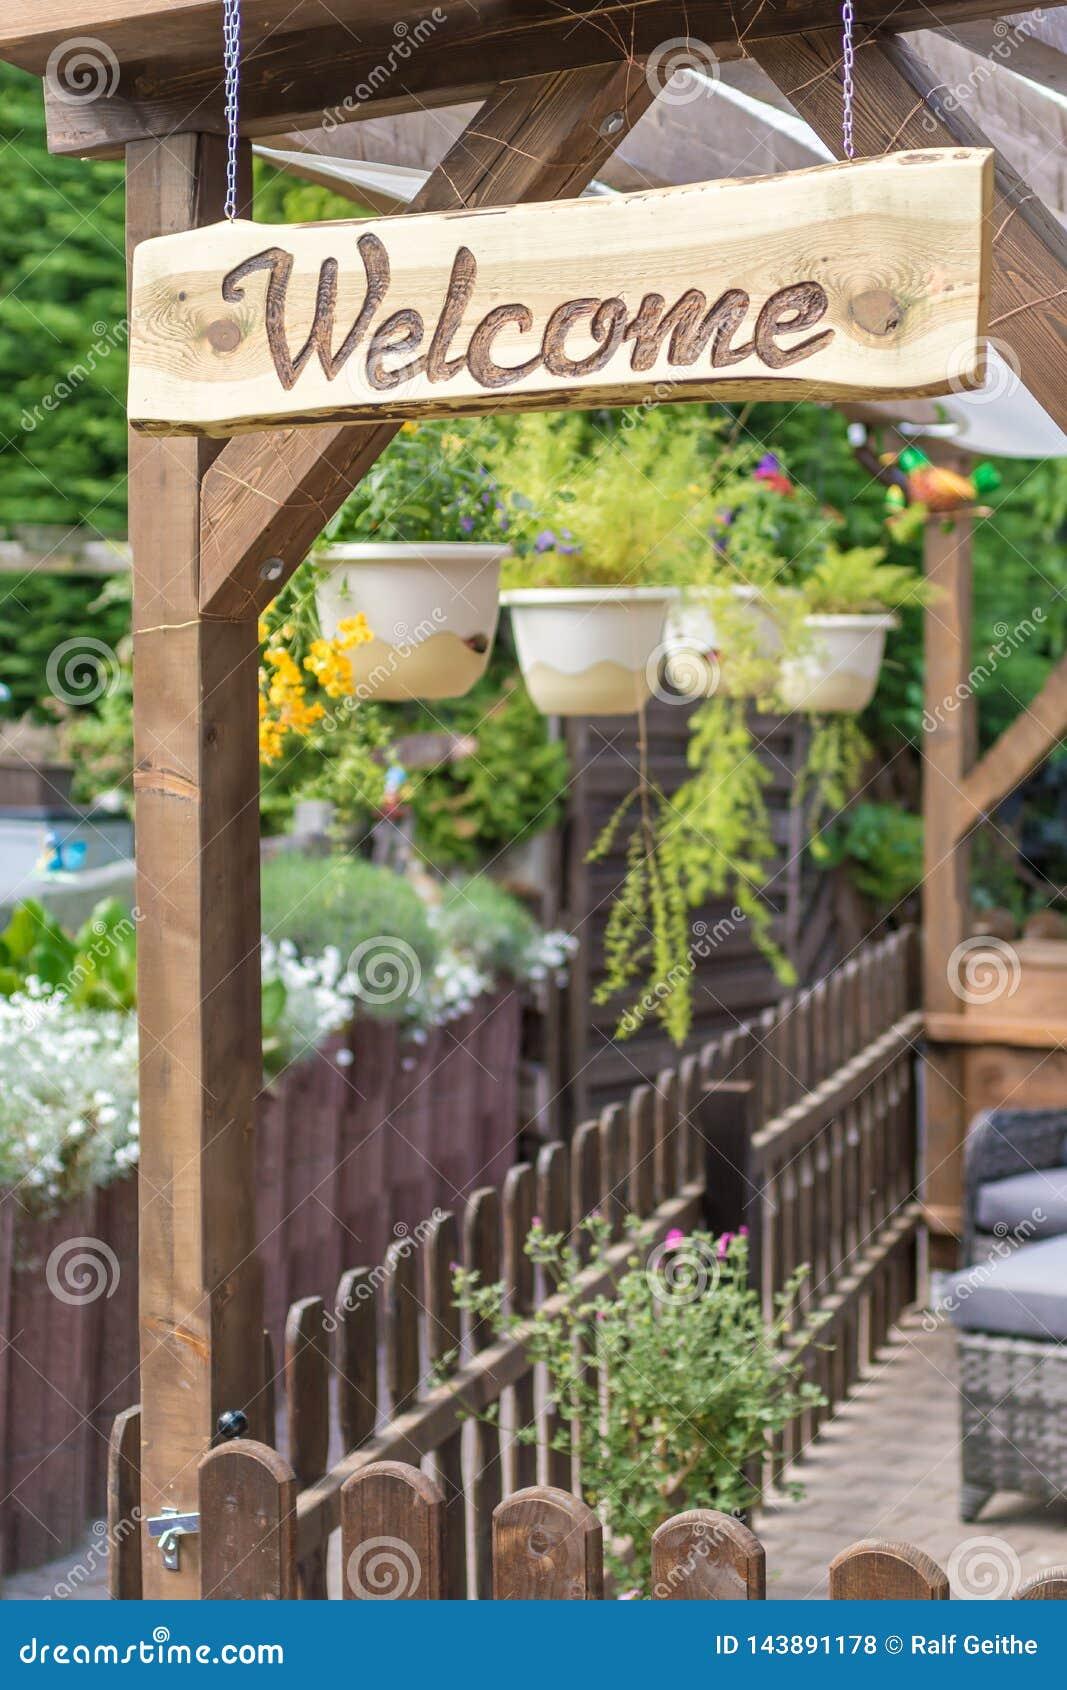 Jardim acolhedor e convidando com muitos plantas e sinal bem-vindo